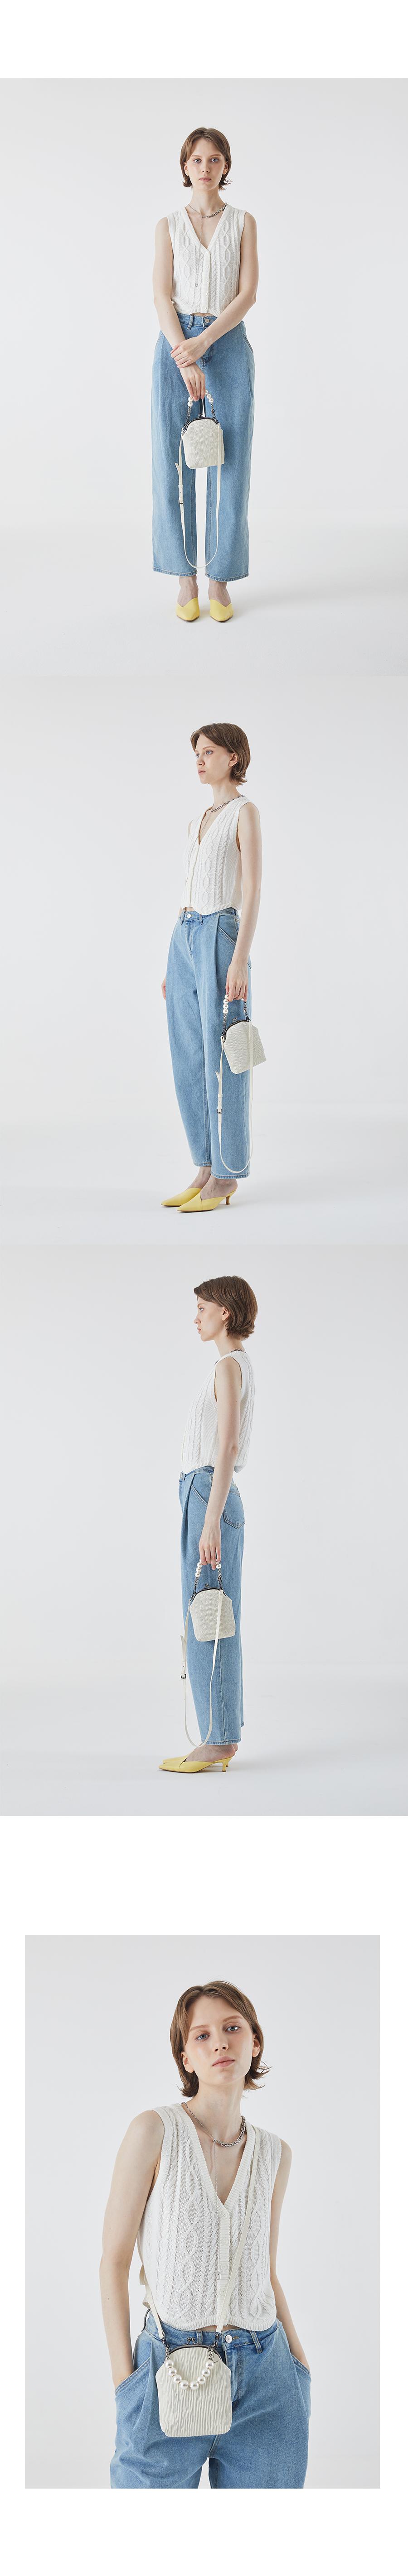 러브참(LOVE CHARM) [꼬모 미니백] Como mini bag